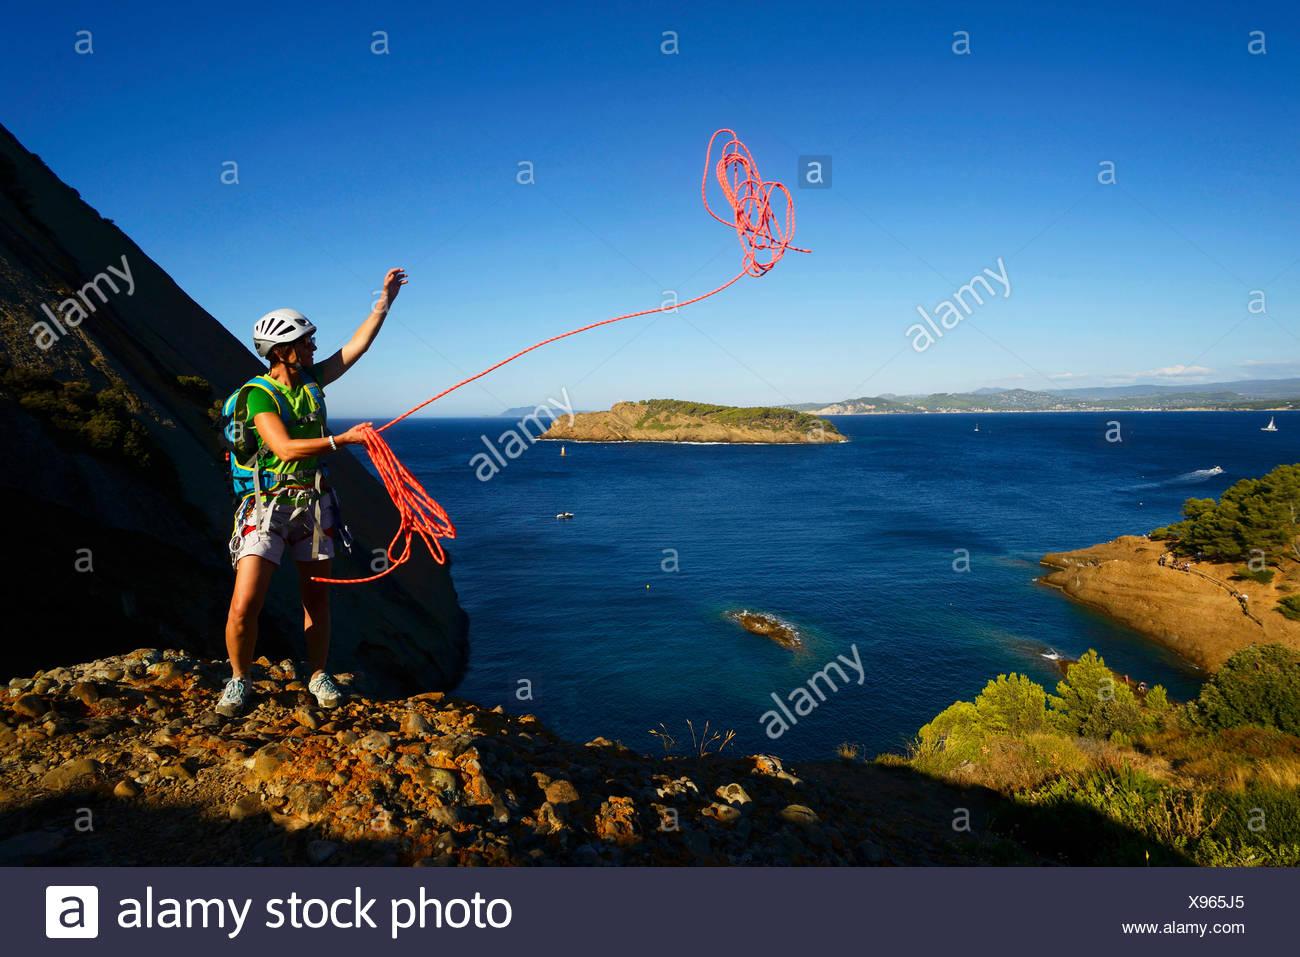 climber throwing a rope at coastal rock Bec de l'Aigle, adventure way, France, Provence, Calanques National Park, La Ciotat - Stock Image